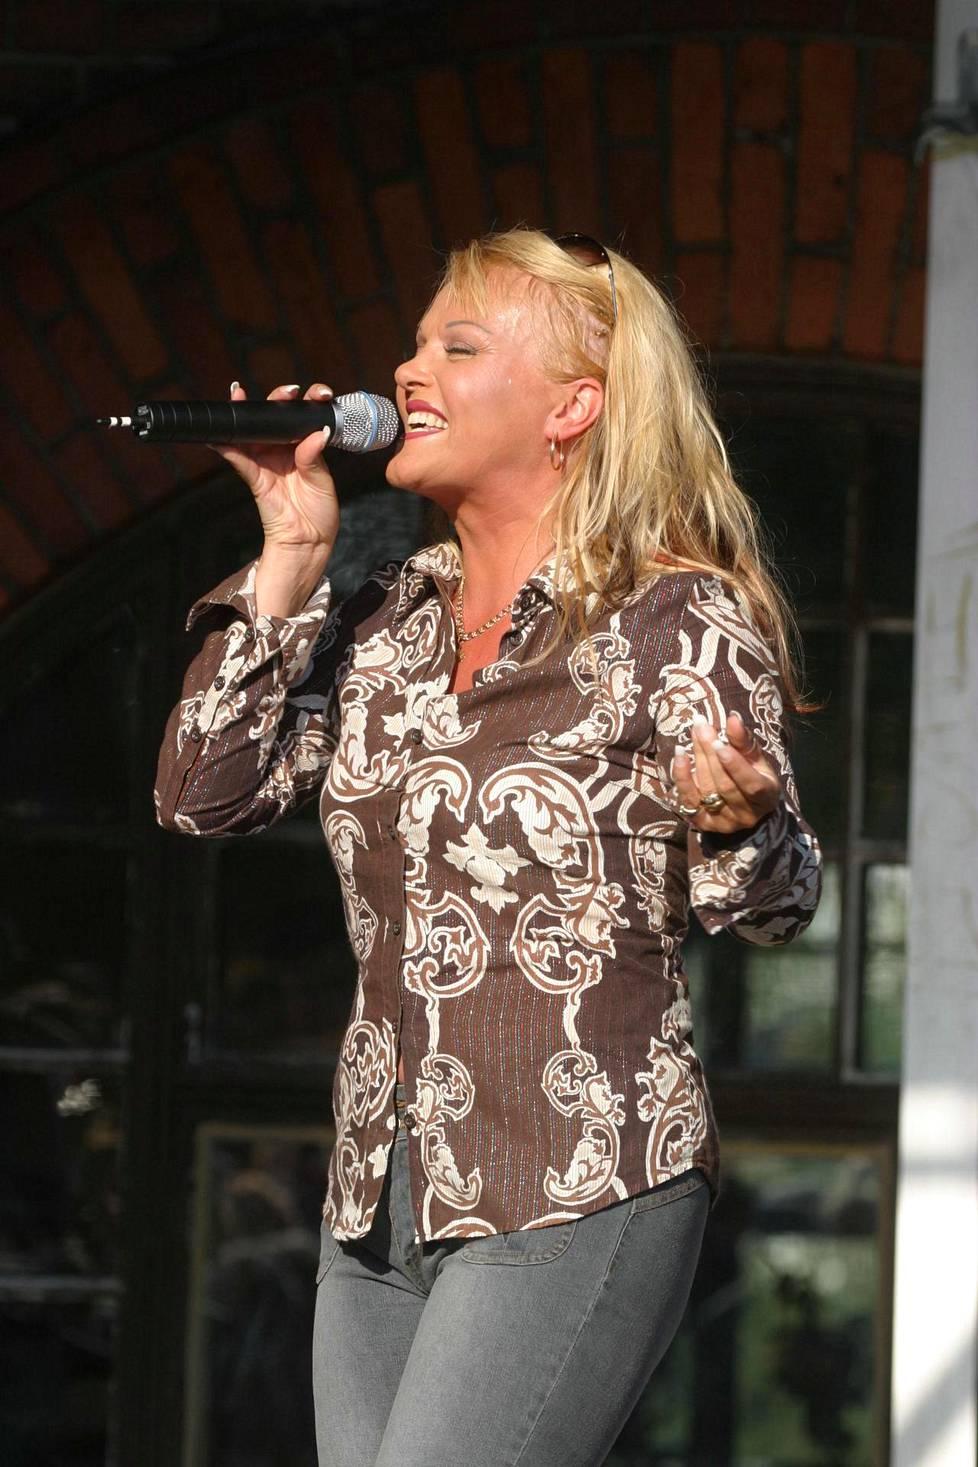 Kikka esiintymässä kaksi vuotta ennen kuolemaansa vuonna 2003.